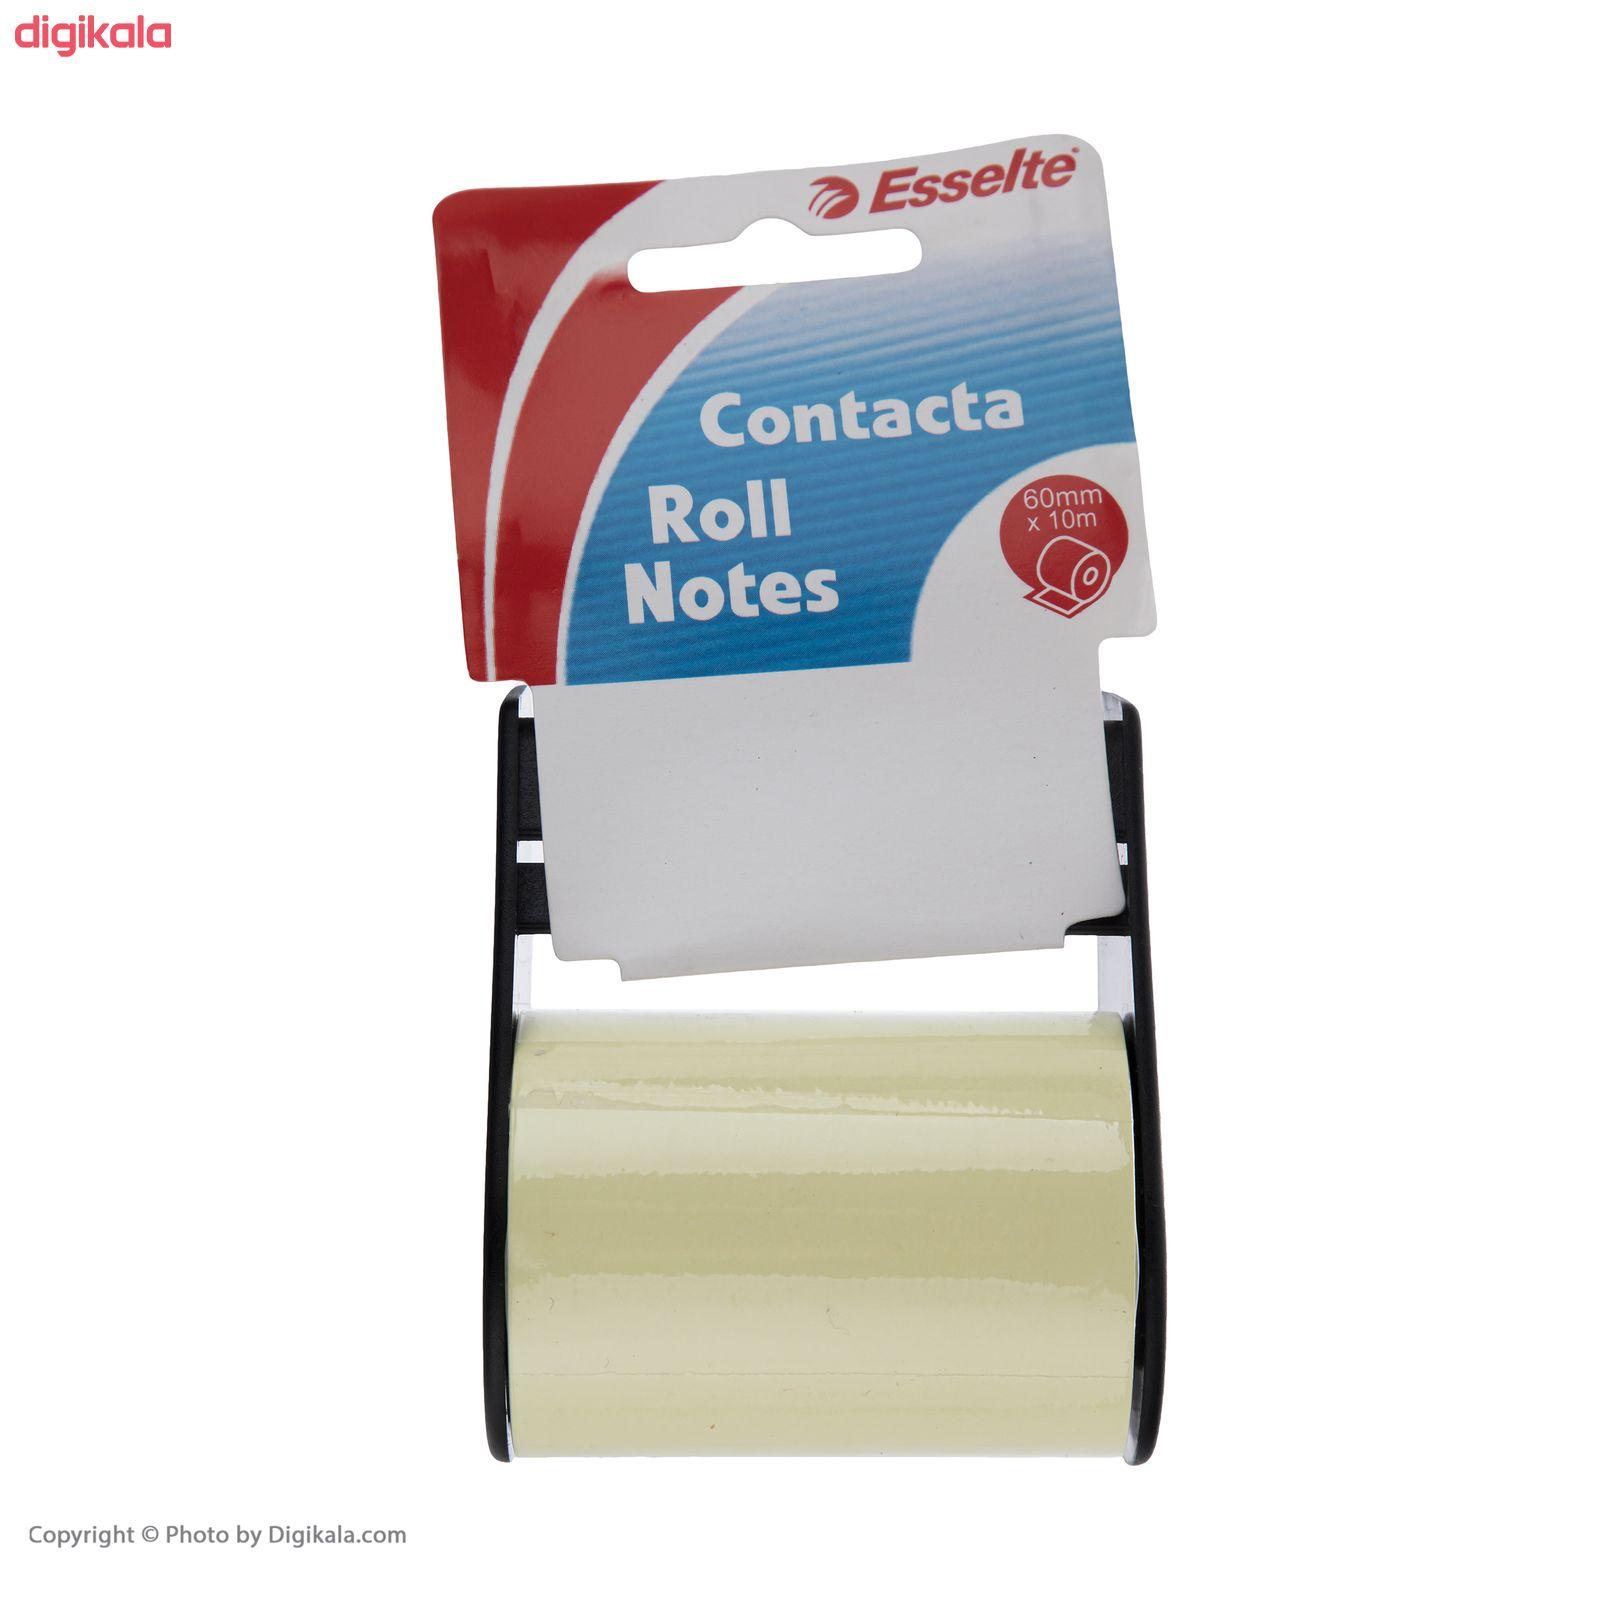 کاغذ یادداشت چسب دار ایسلتی مدل contacta main 1 2